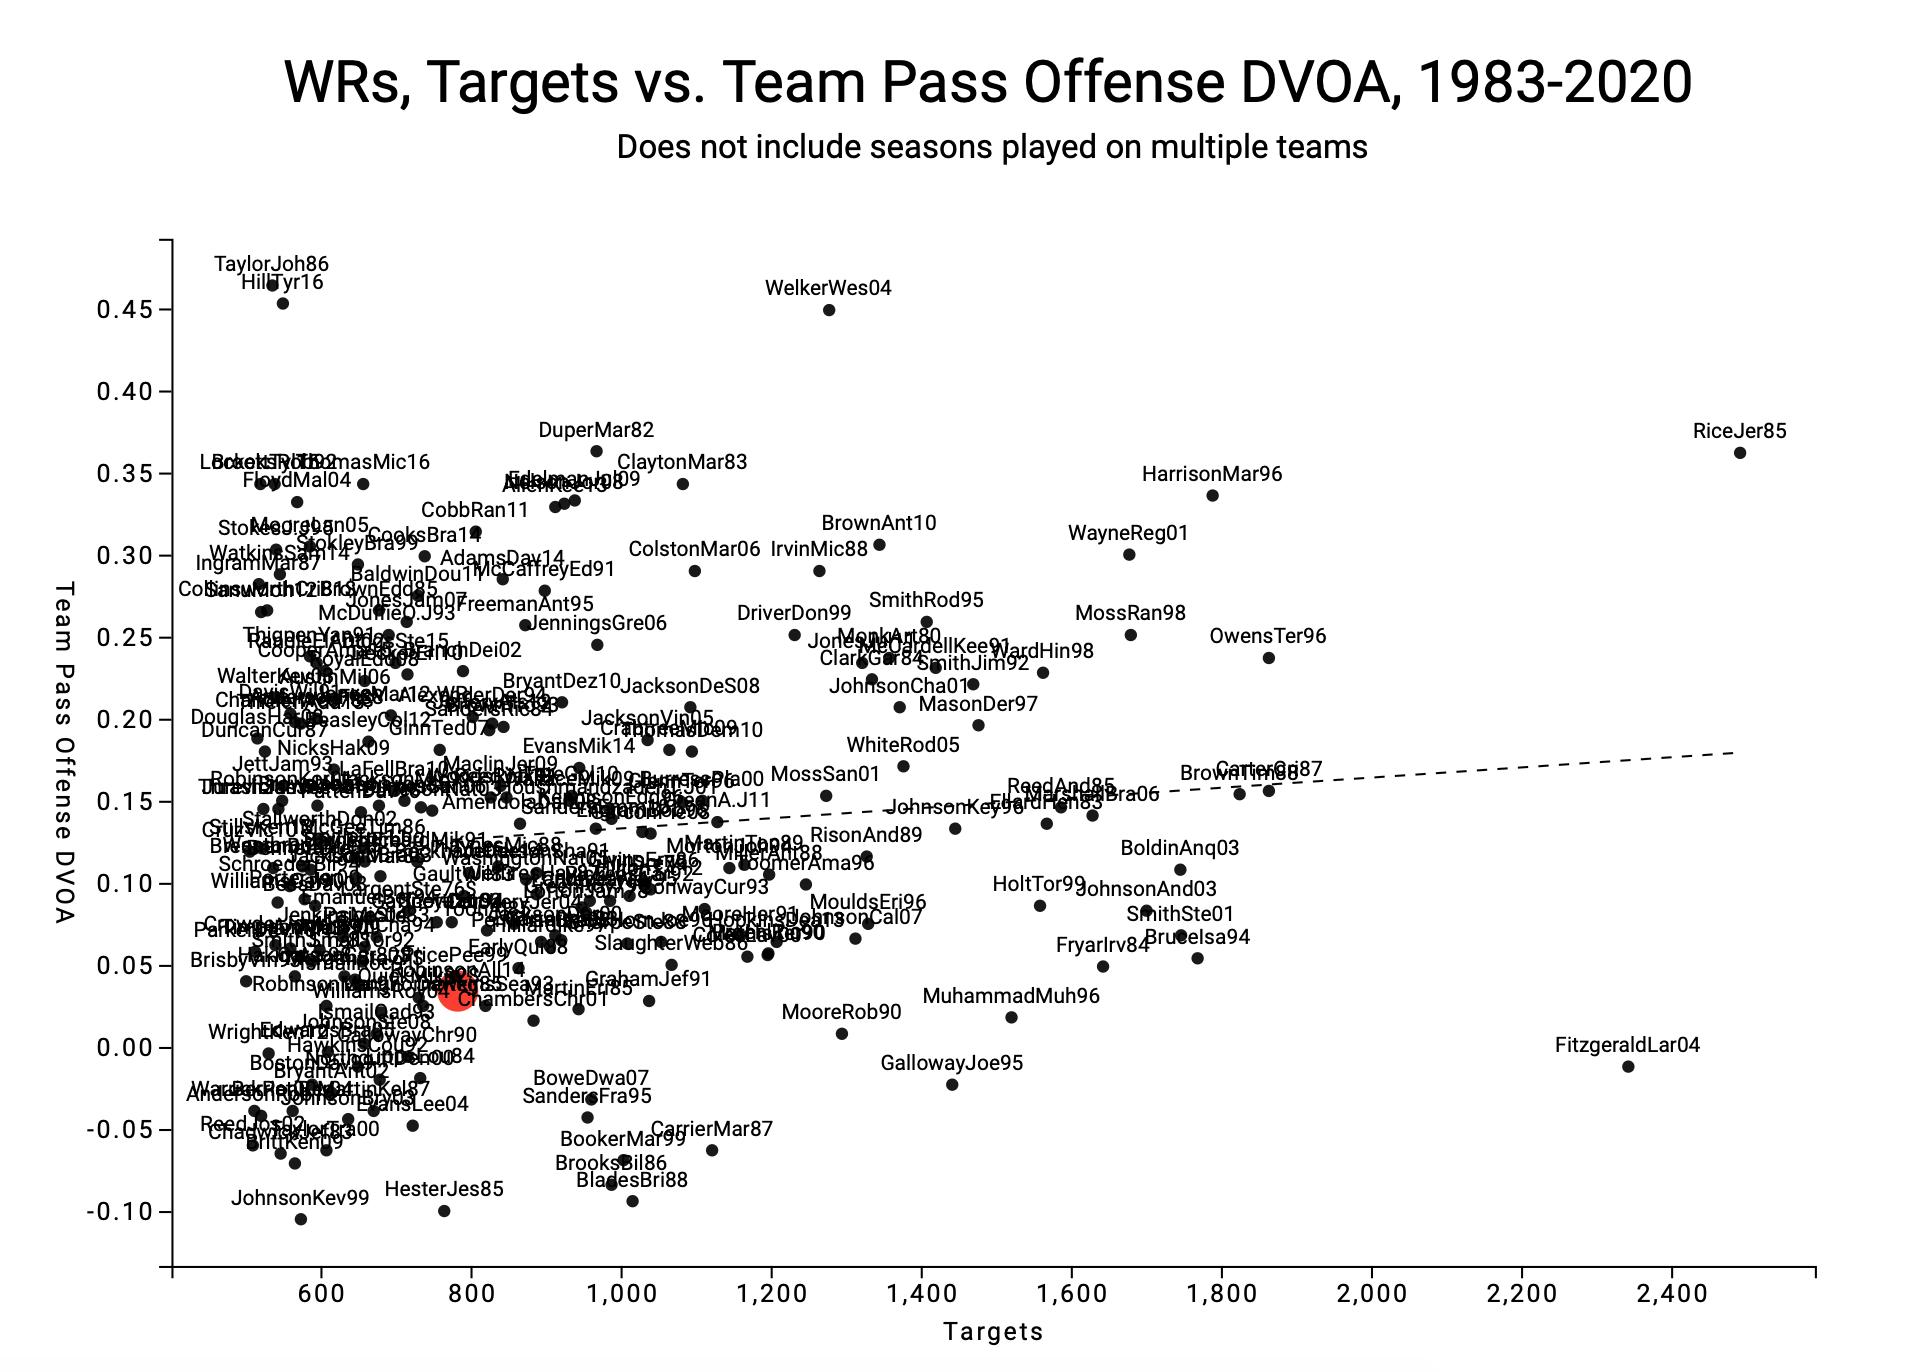 WRs with Team Pass Offense DVOA